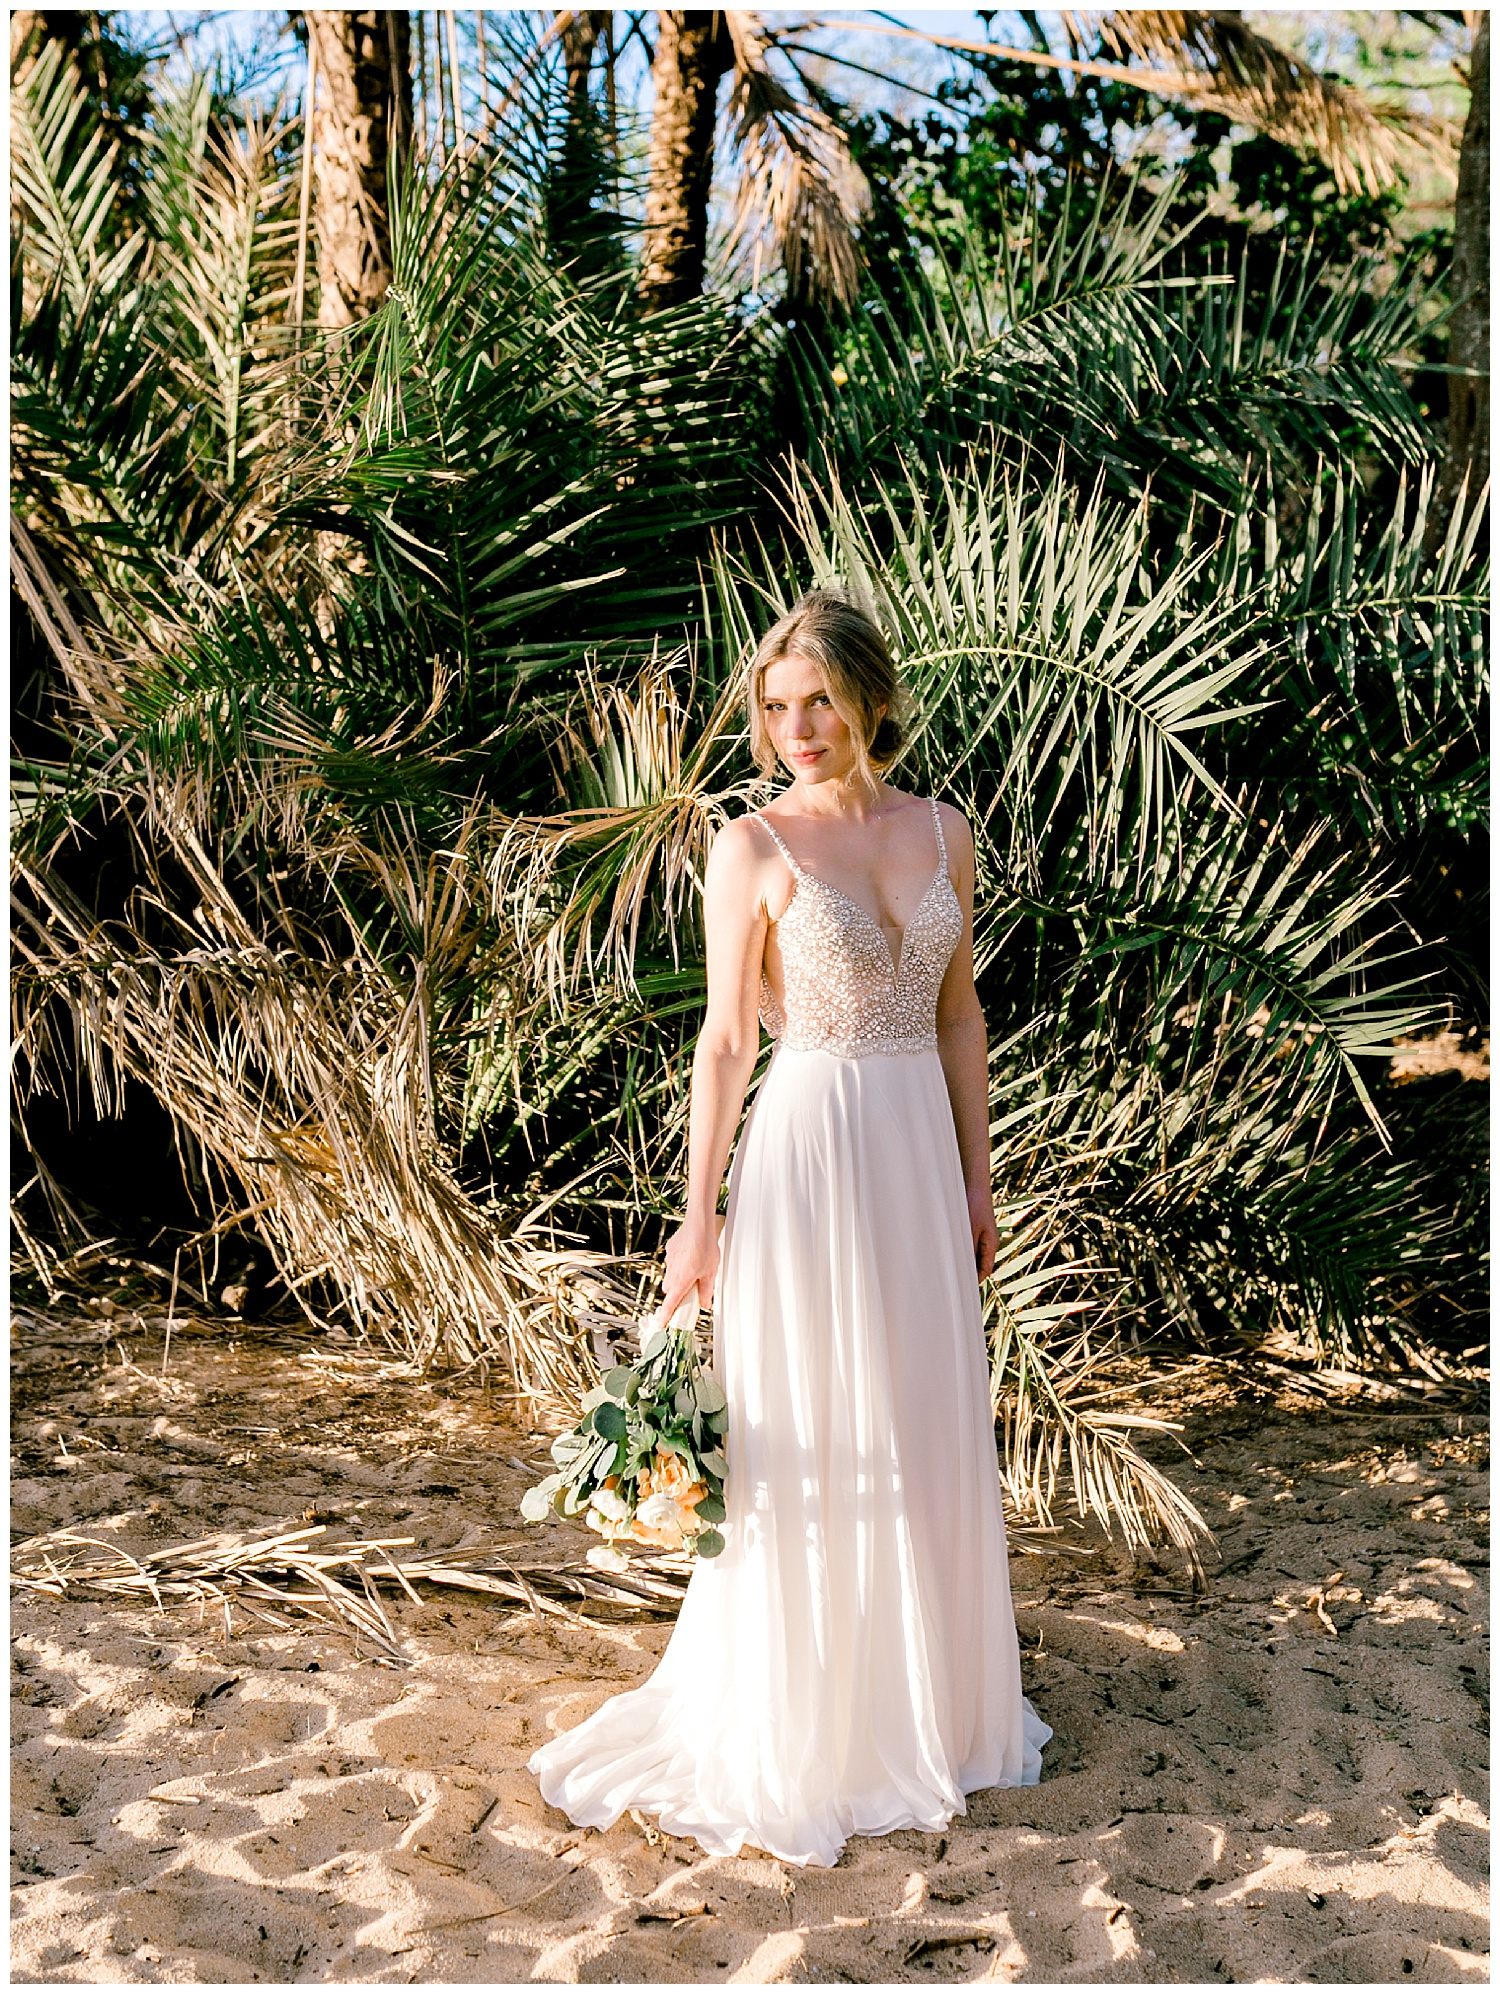 Maui-Intimate-Wedding-Photography-Makena-Cove-Maui-Hawaii_0046.jpg